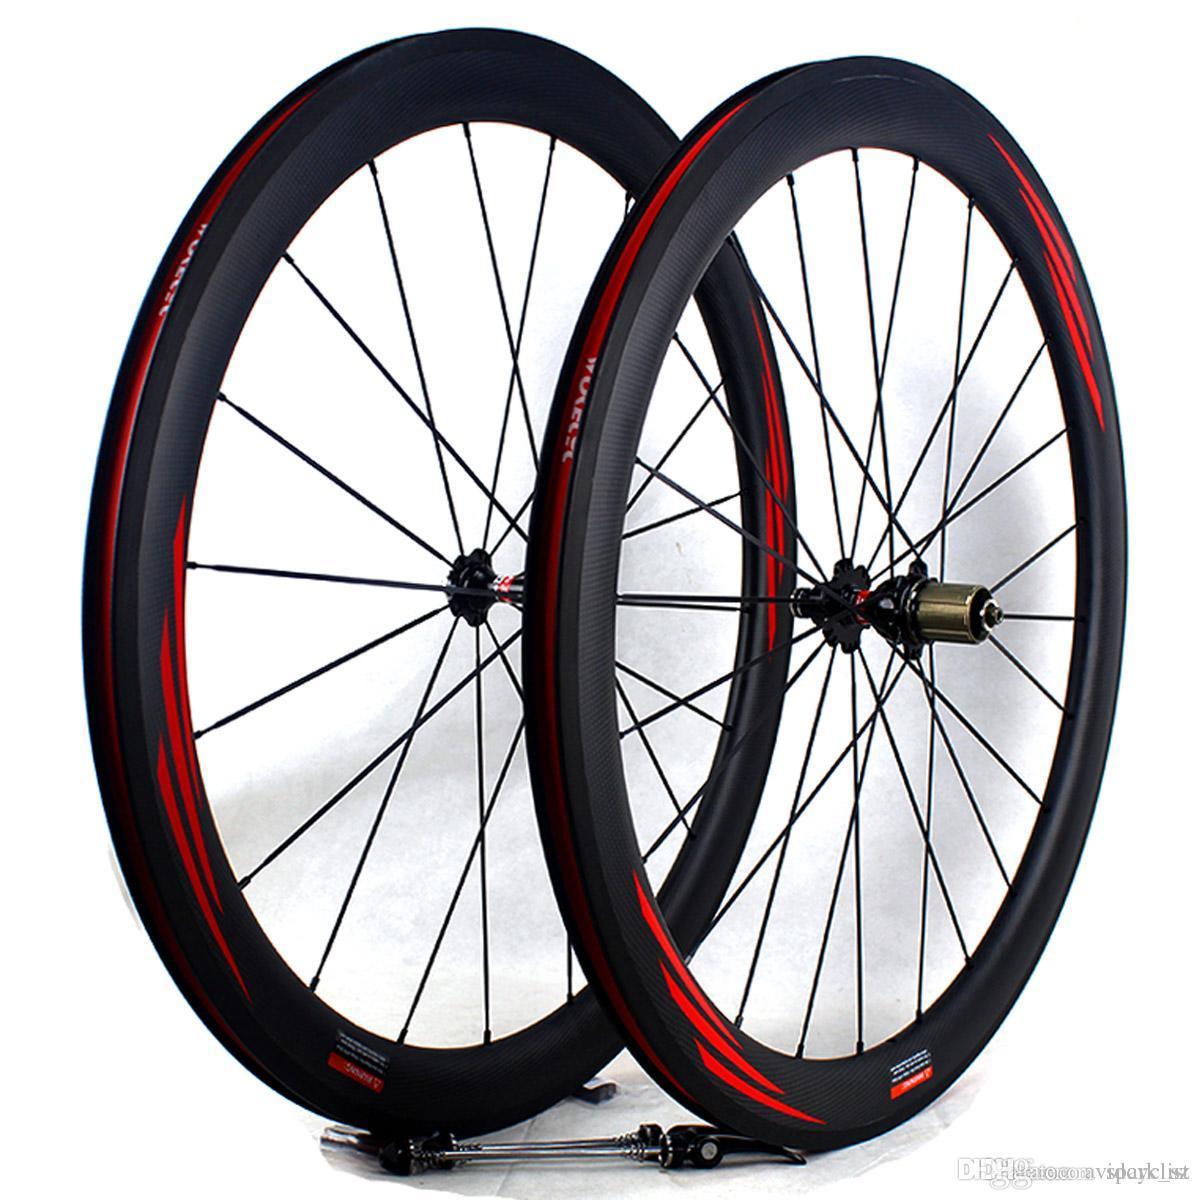 탄소 섬유 자전거 차륜 50mm 700C 현무암 브레이크 표면 관형 클린 도로 자전거 경주 바퀴 림 폭 25mm 3K 매트